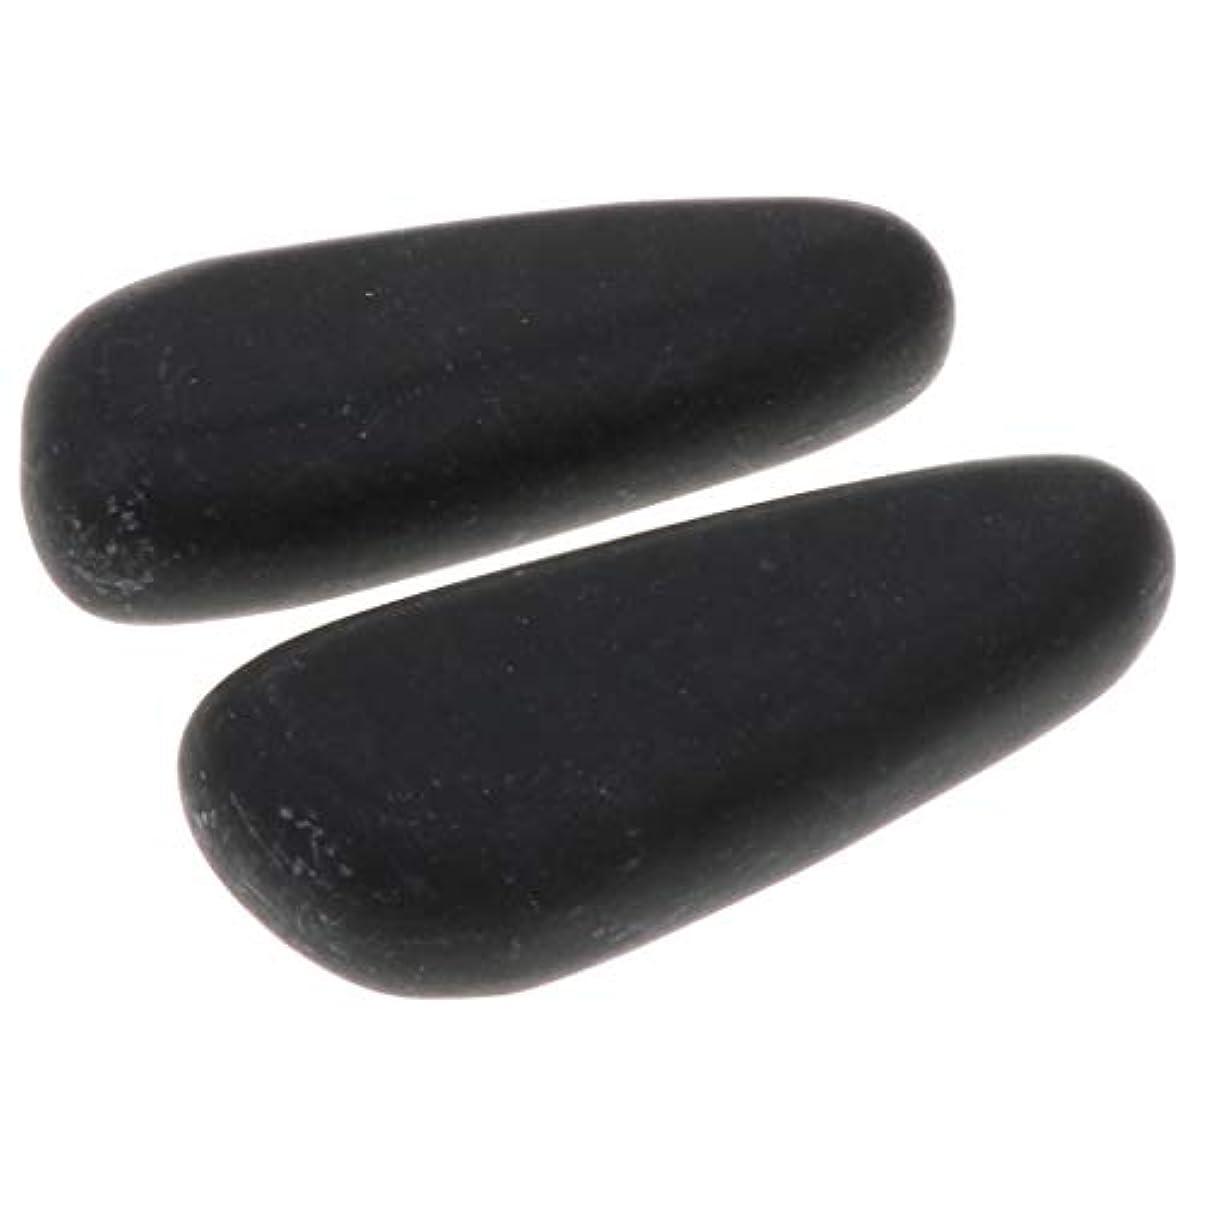 叫び声荒らす模倣全2サイズ ホットストーン マッサージ石 マッサージストーン 玄武岩 ボディマッサージ スパ 2個入 - 8×3.2×2cm